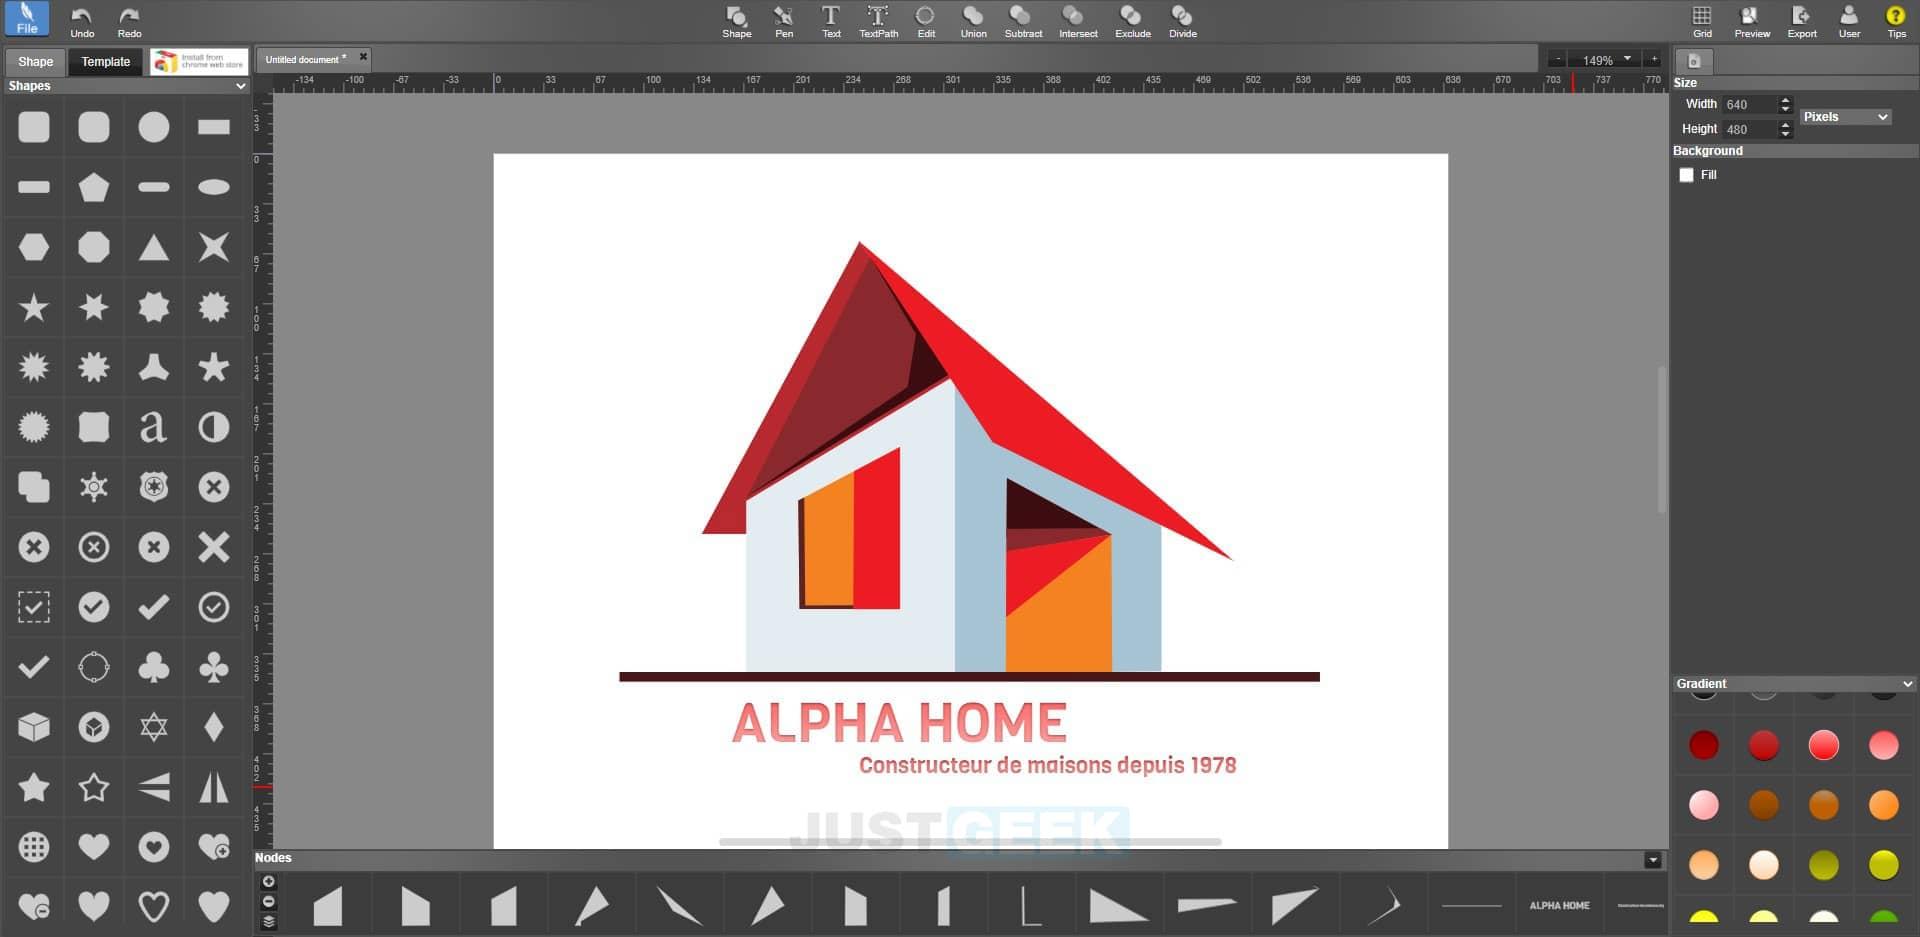 Créateur logo en ligne gratuit